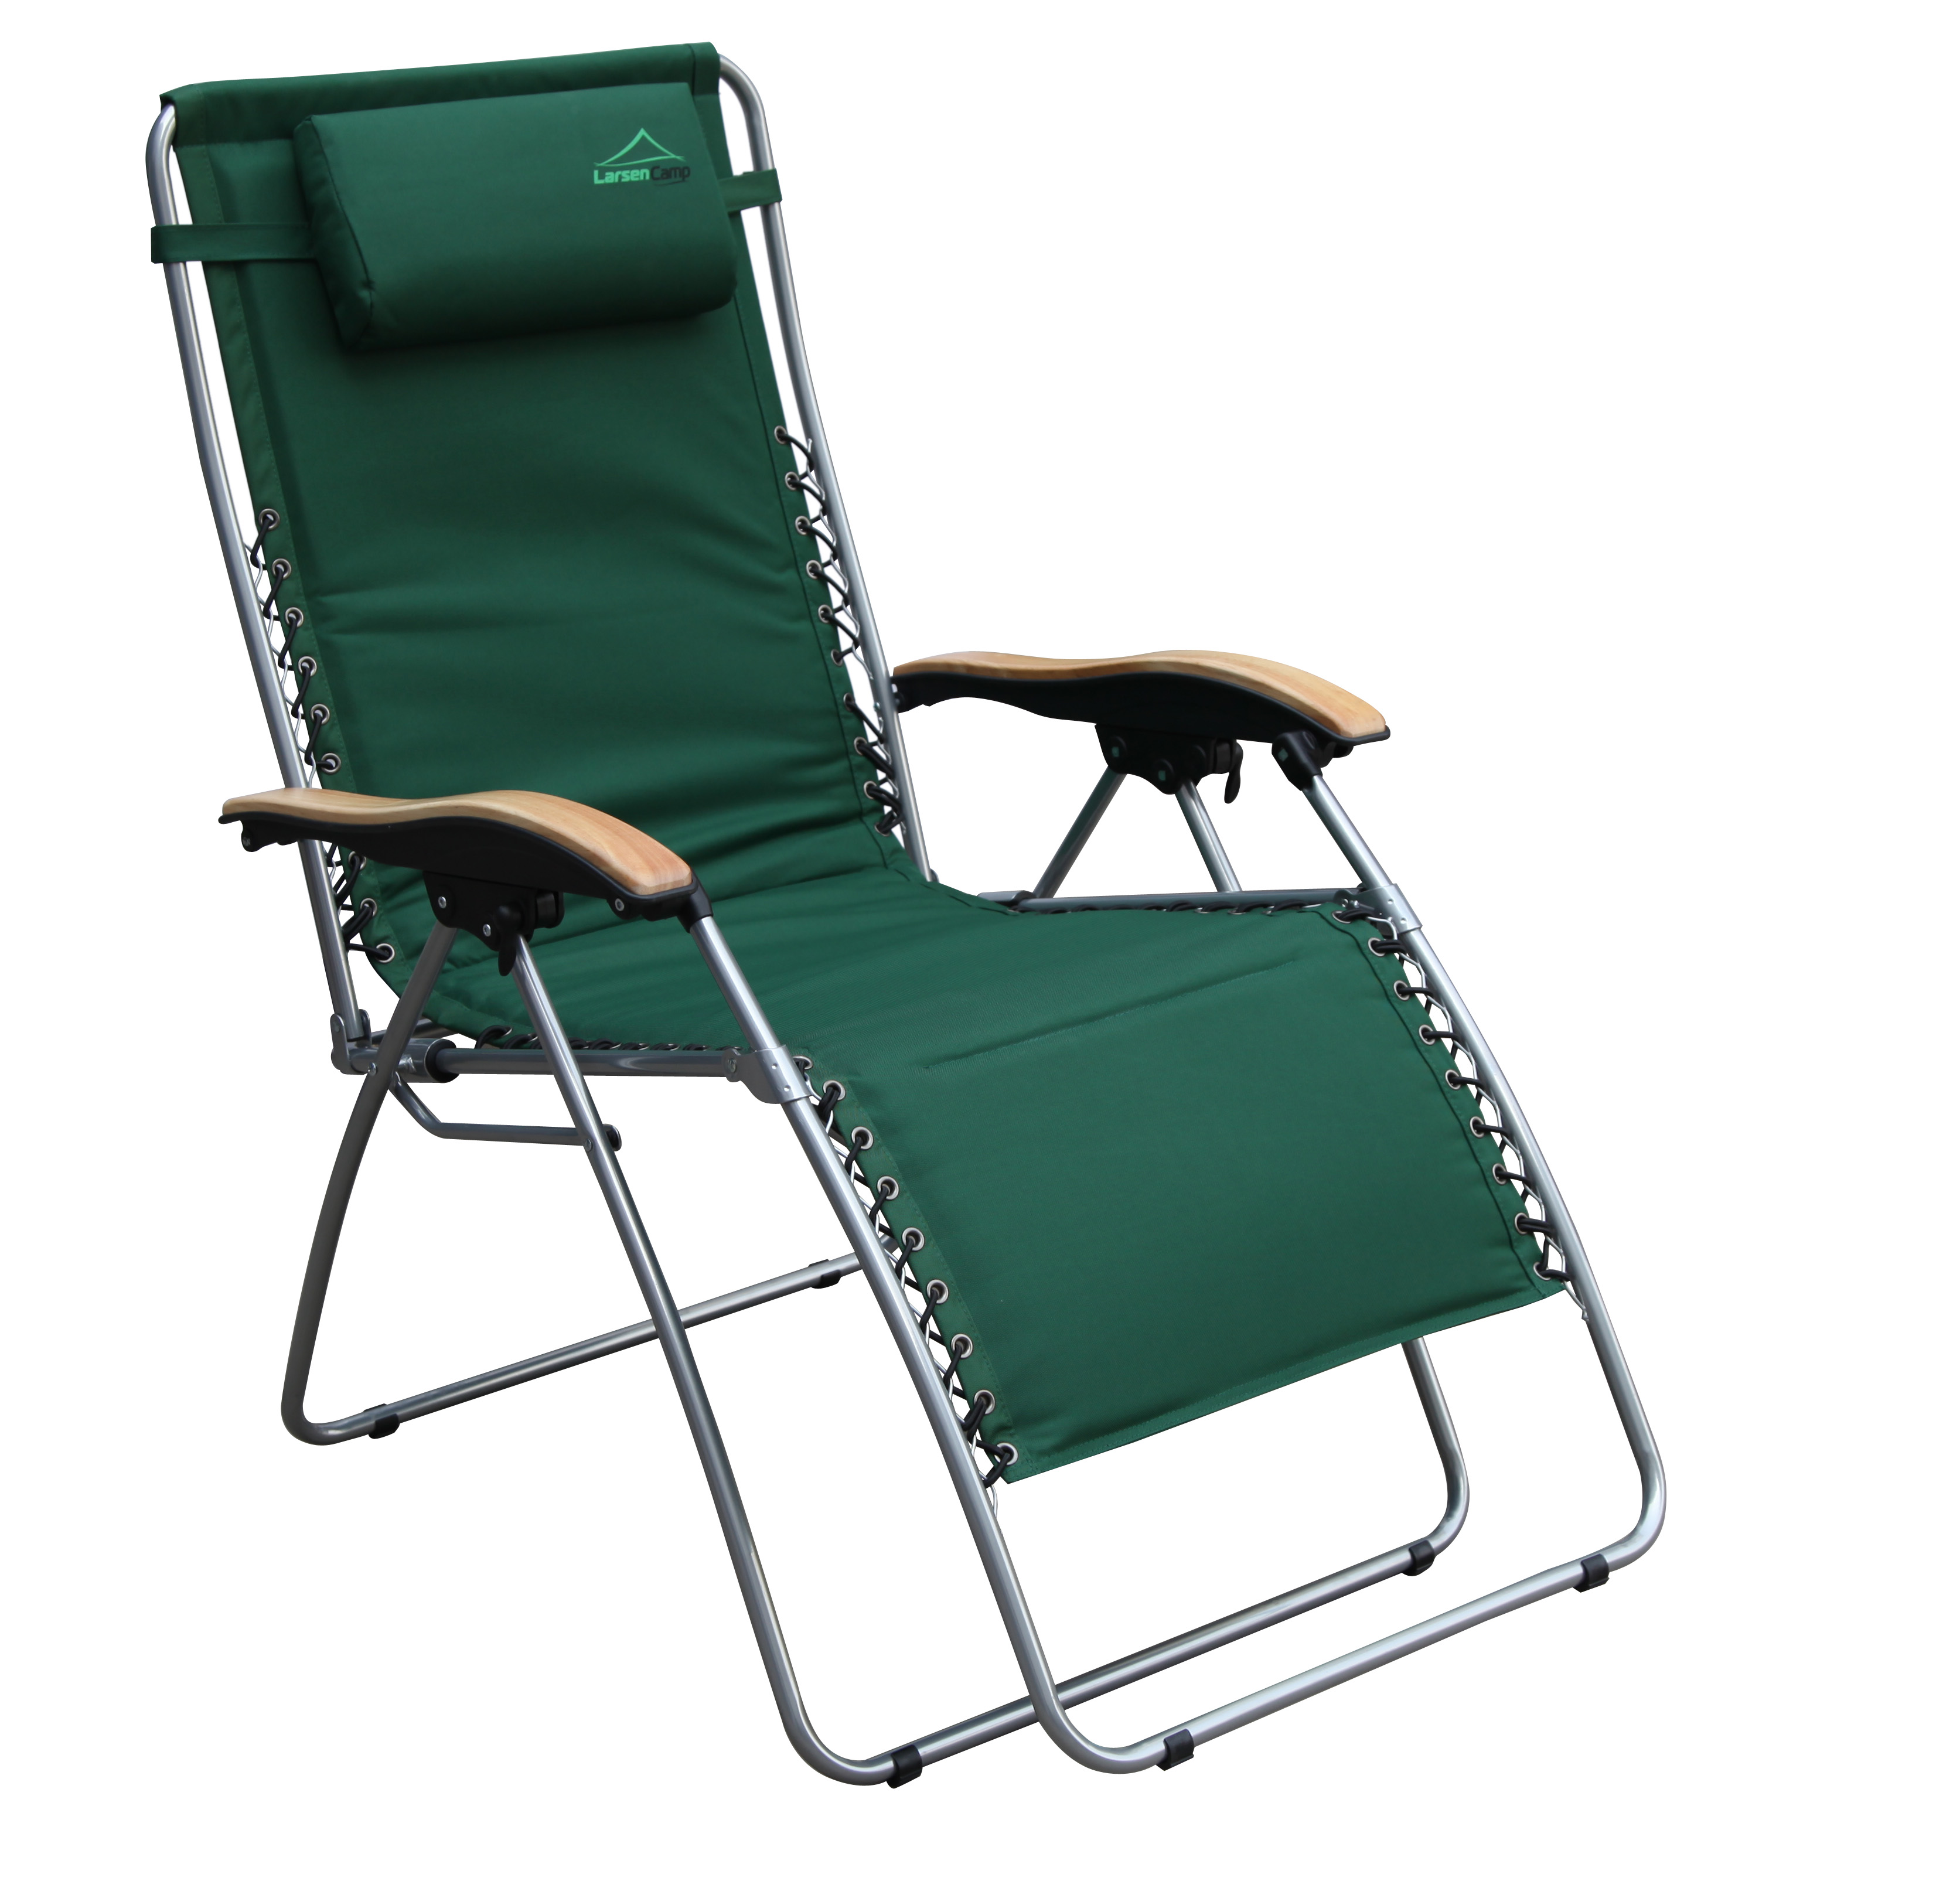 Практичное кресло со складным механизмом